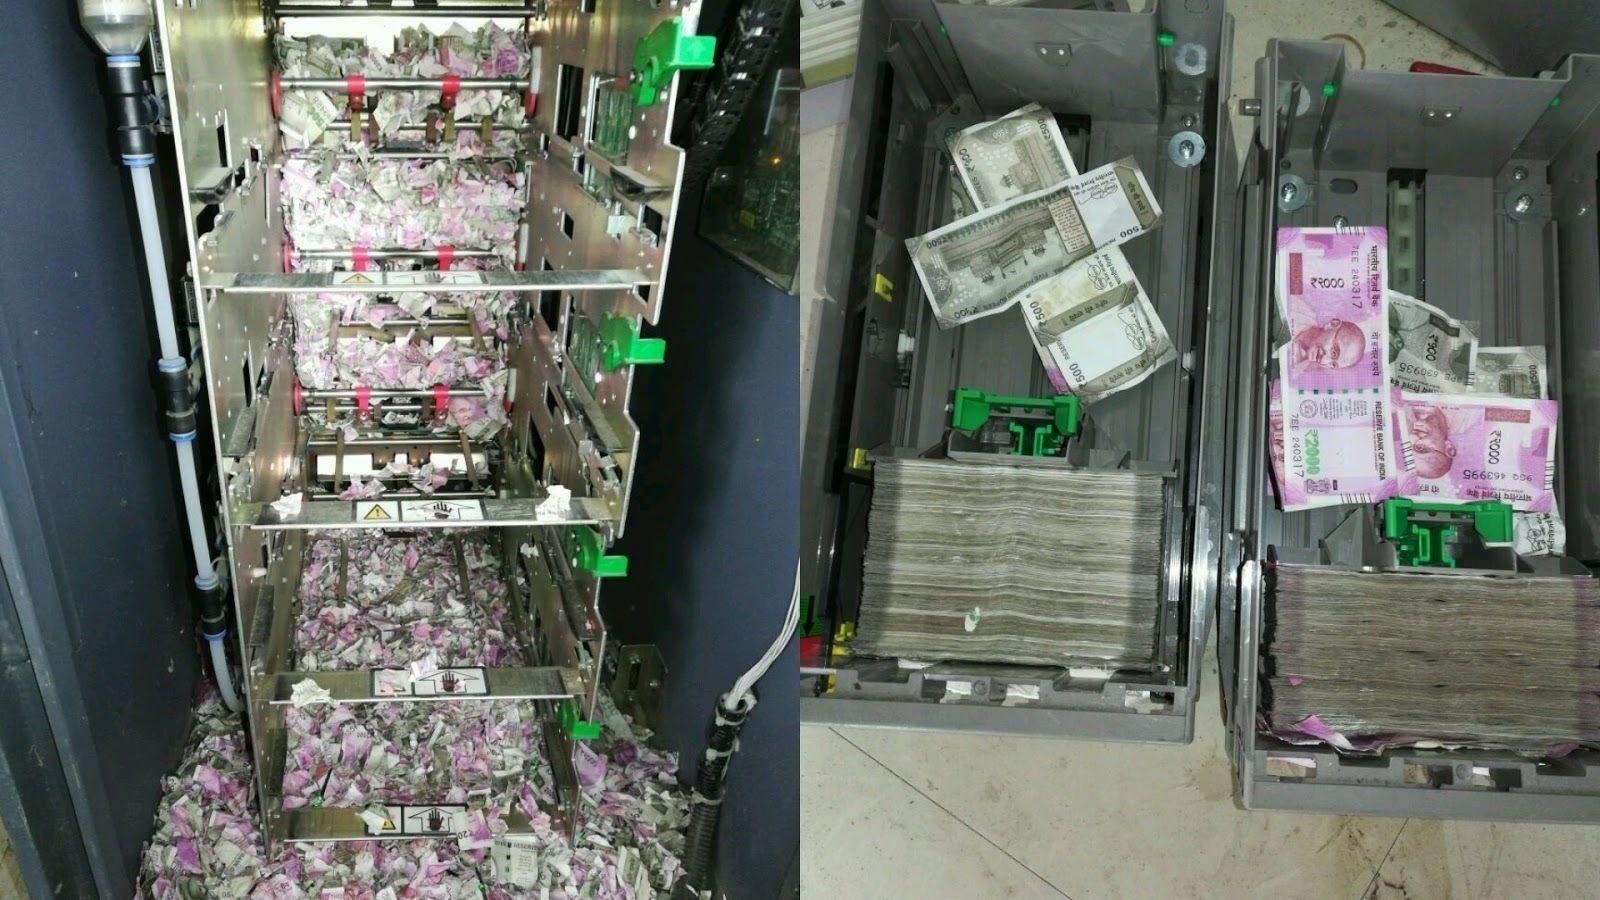 Энэтхэгийн банкны ATM-д харх нэвтэрч, их хэмжээний мөнгөн дэвсгэрт идэж сүйтгэжээ